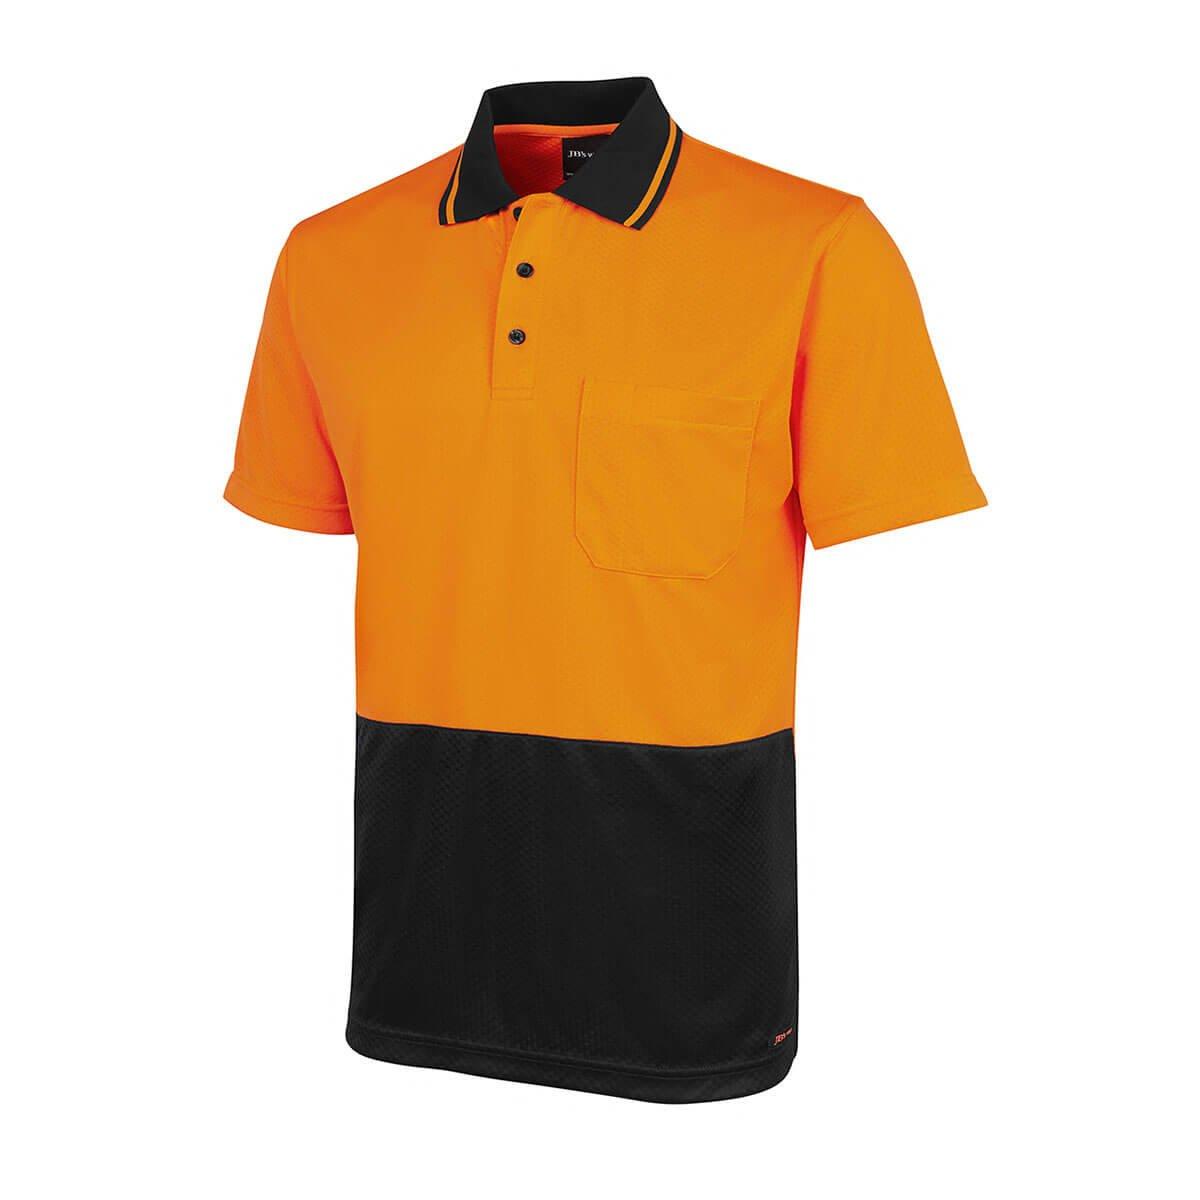 HV Jacquard Non Cuff Polo-Orange  /  Black